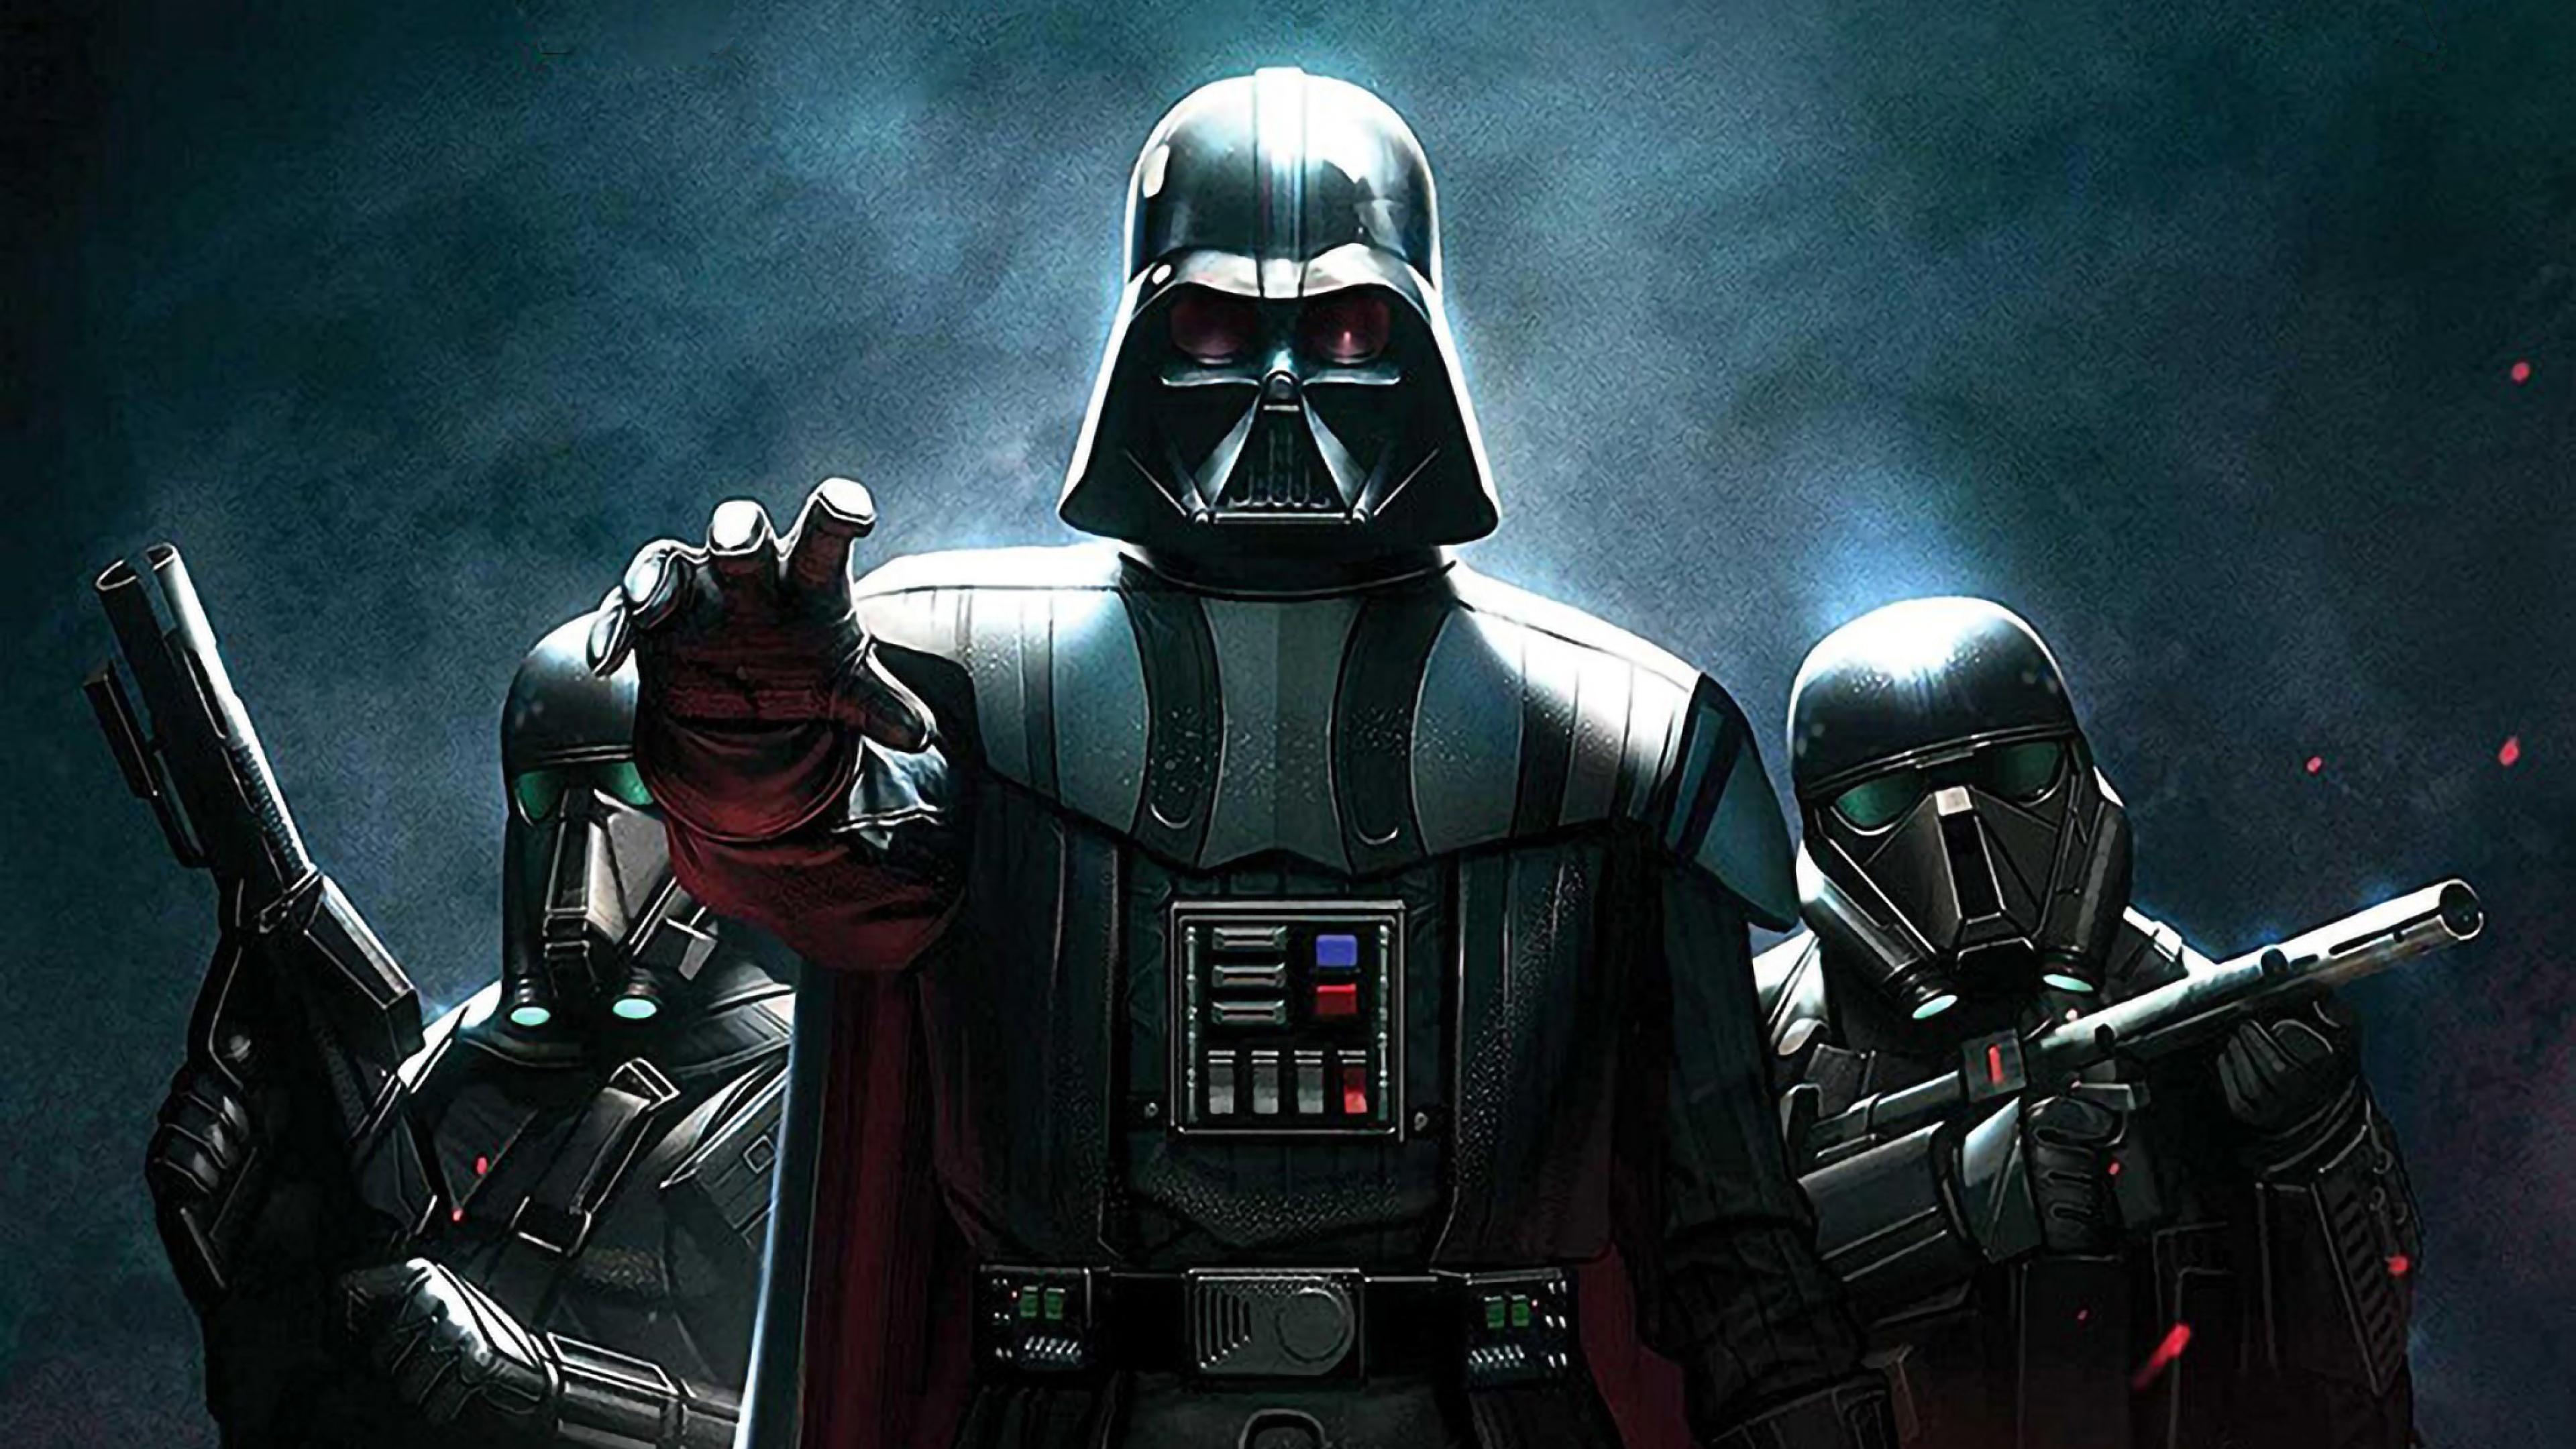 3840x2160 Darth Vedar Star Wars Art 4K Wallpaper, HD ...